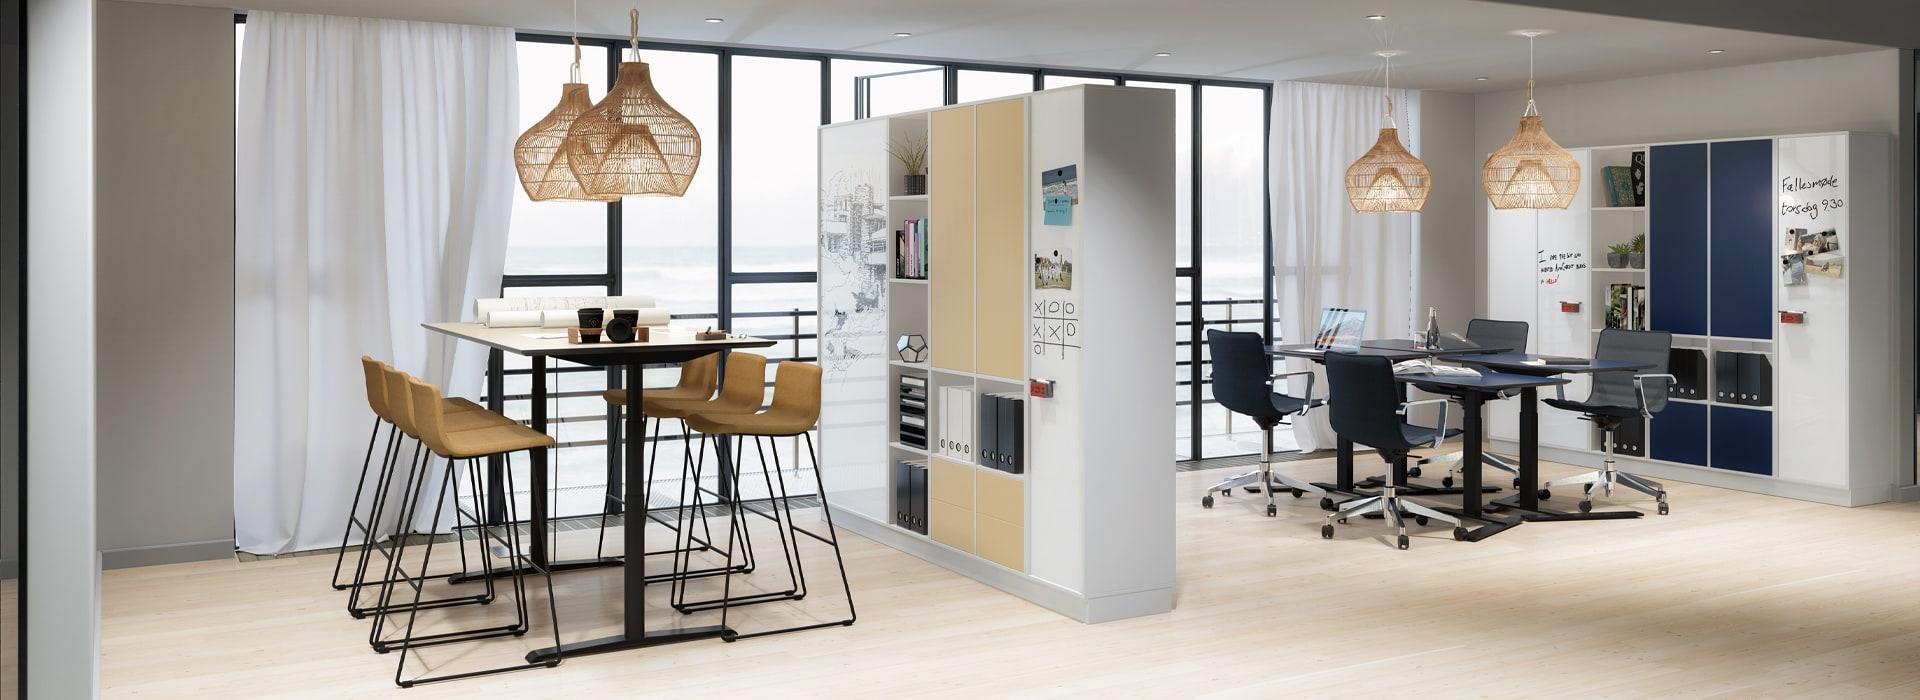 Cube Design - kontormøbler - projektkontor- gruppearbejde - whiteboard